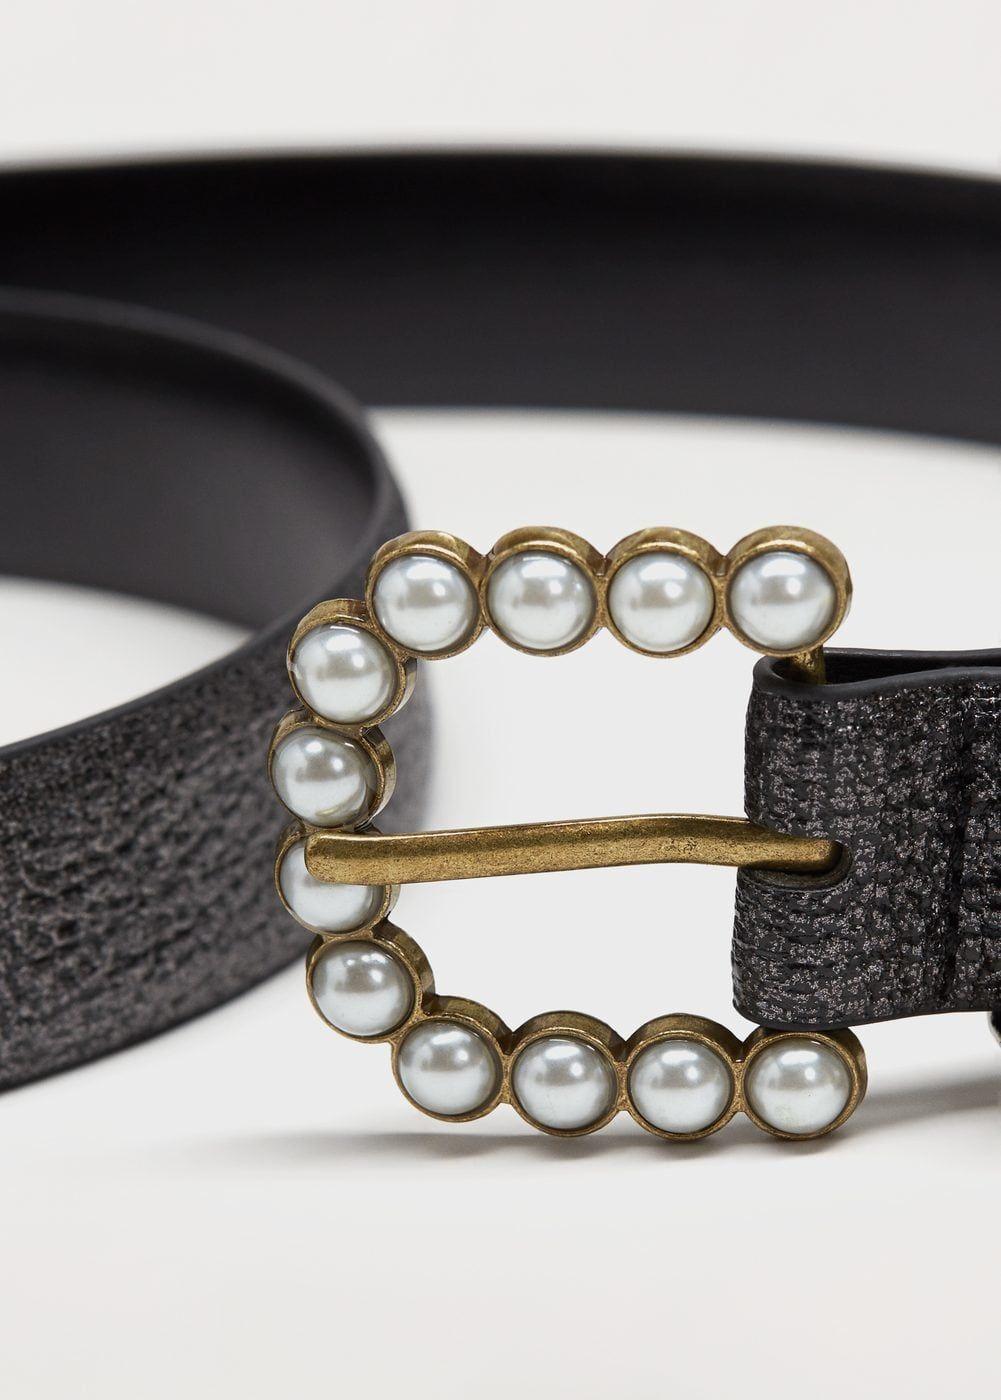 Cinturon Hebilla Perlas Tallas Grandes Cinturones Cinturones